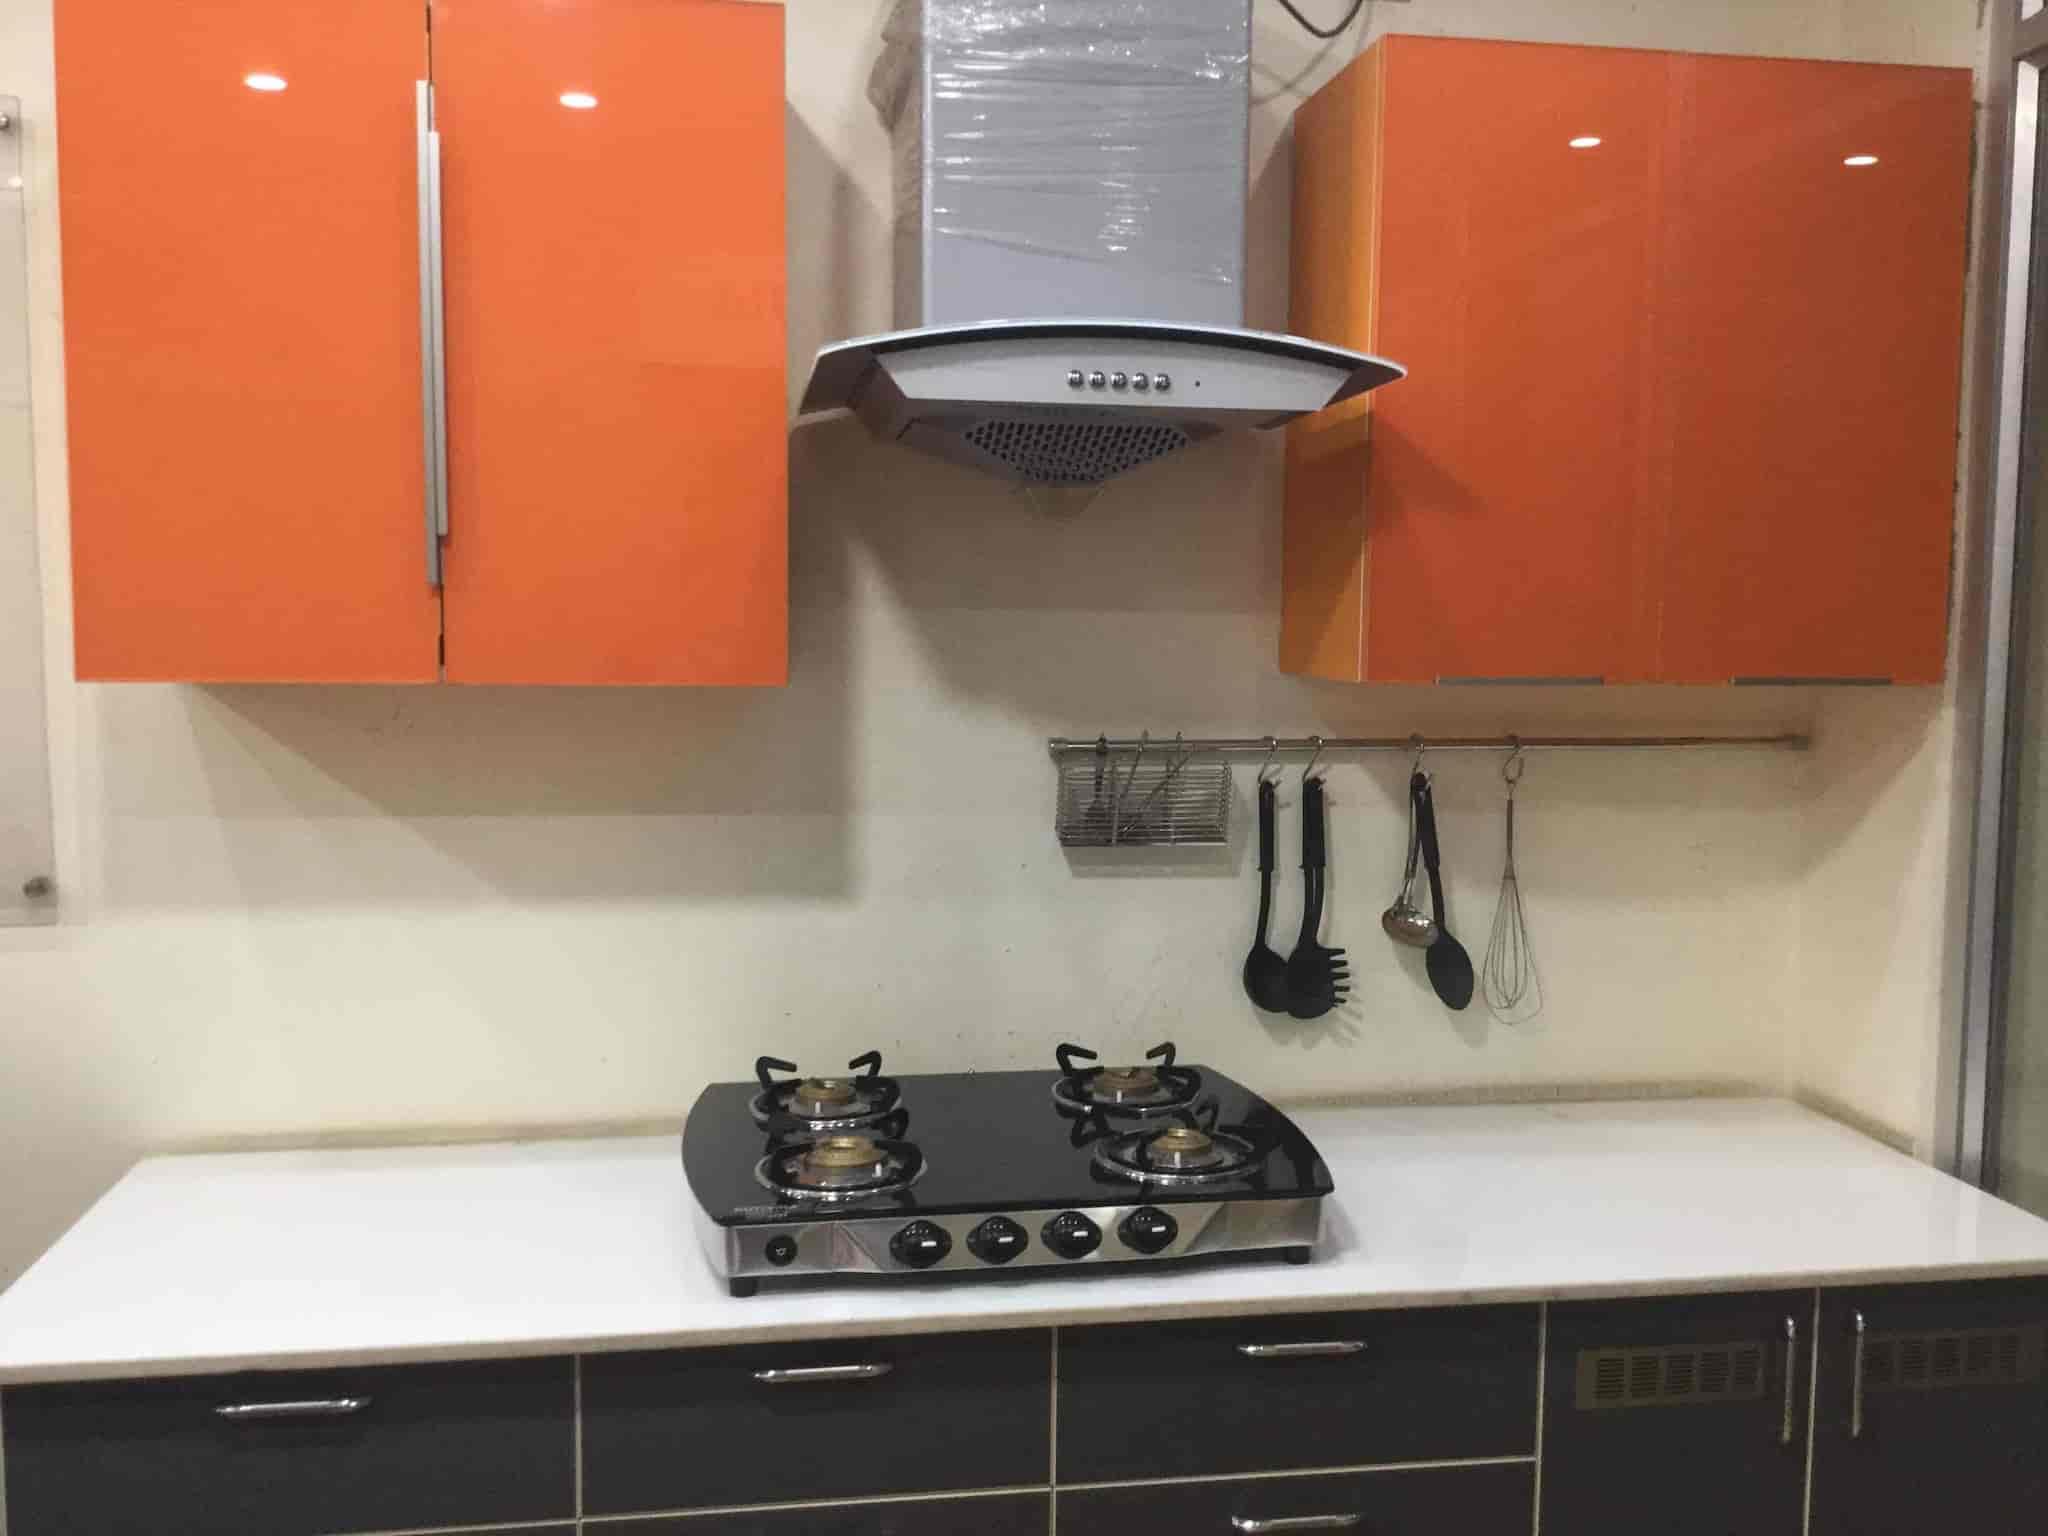 Elica Chimney Introlink Modular Kitchen Photos Durgapur